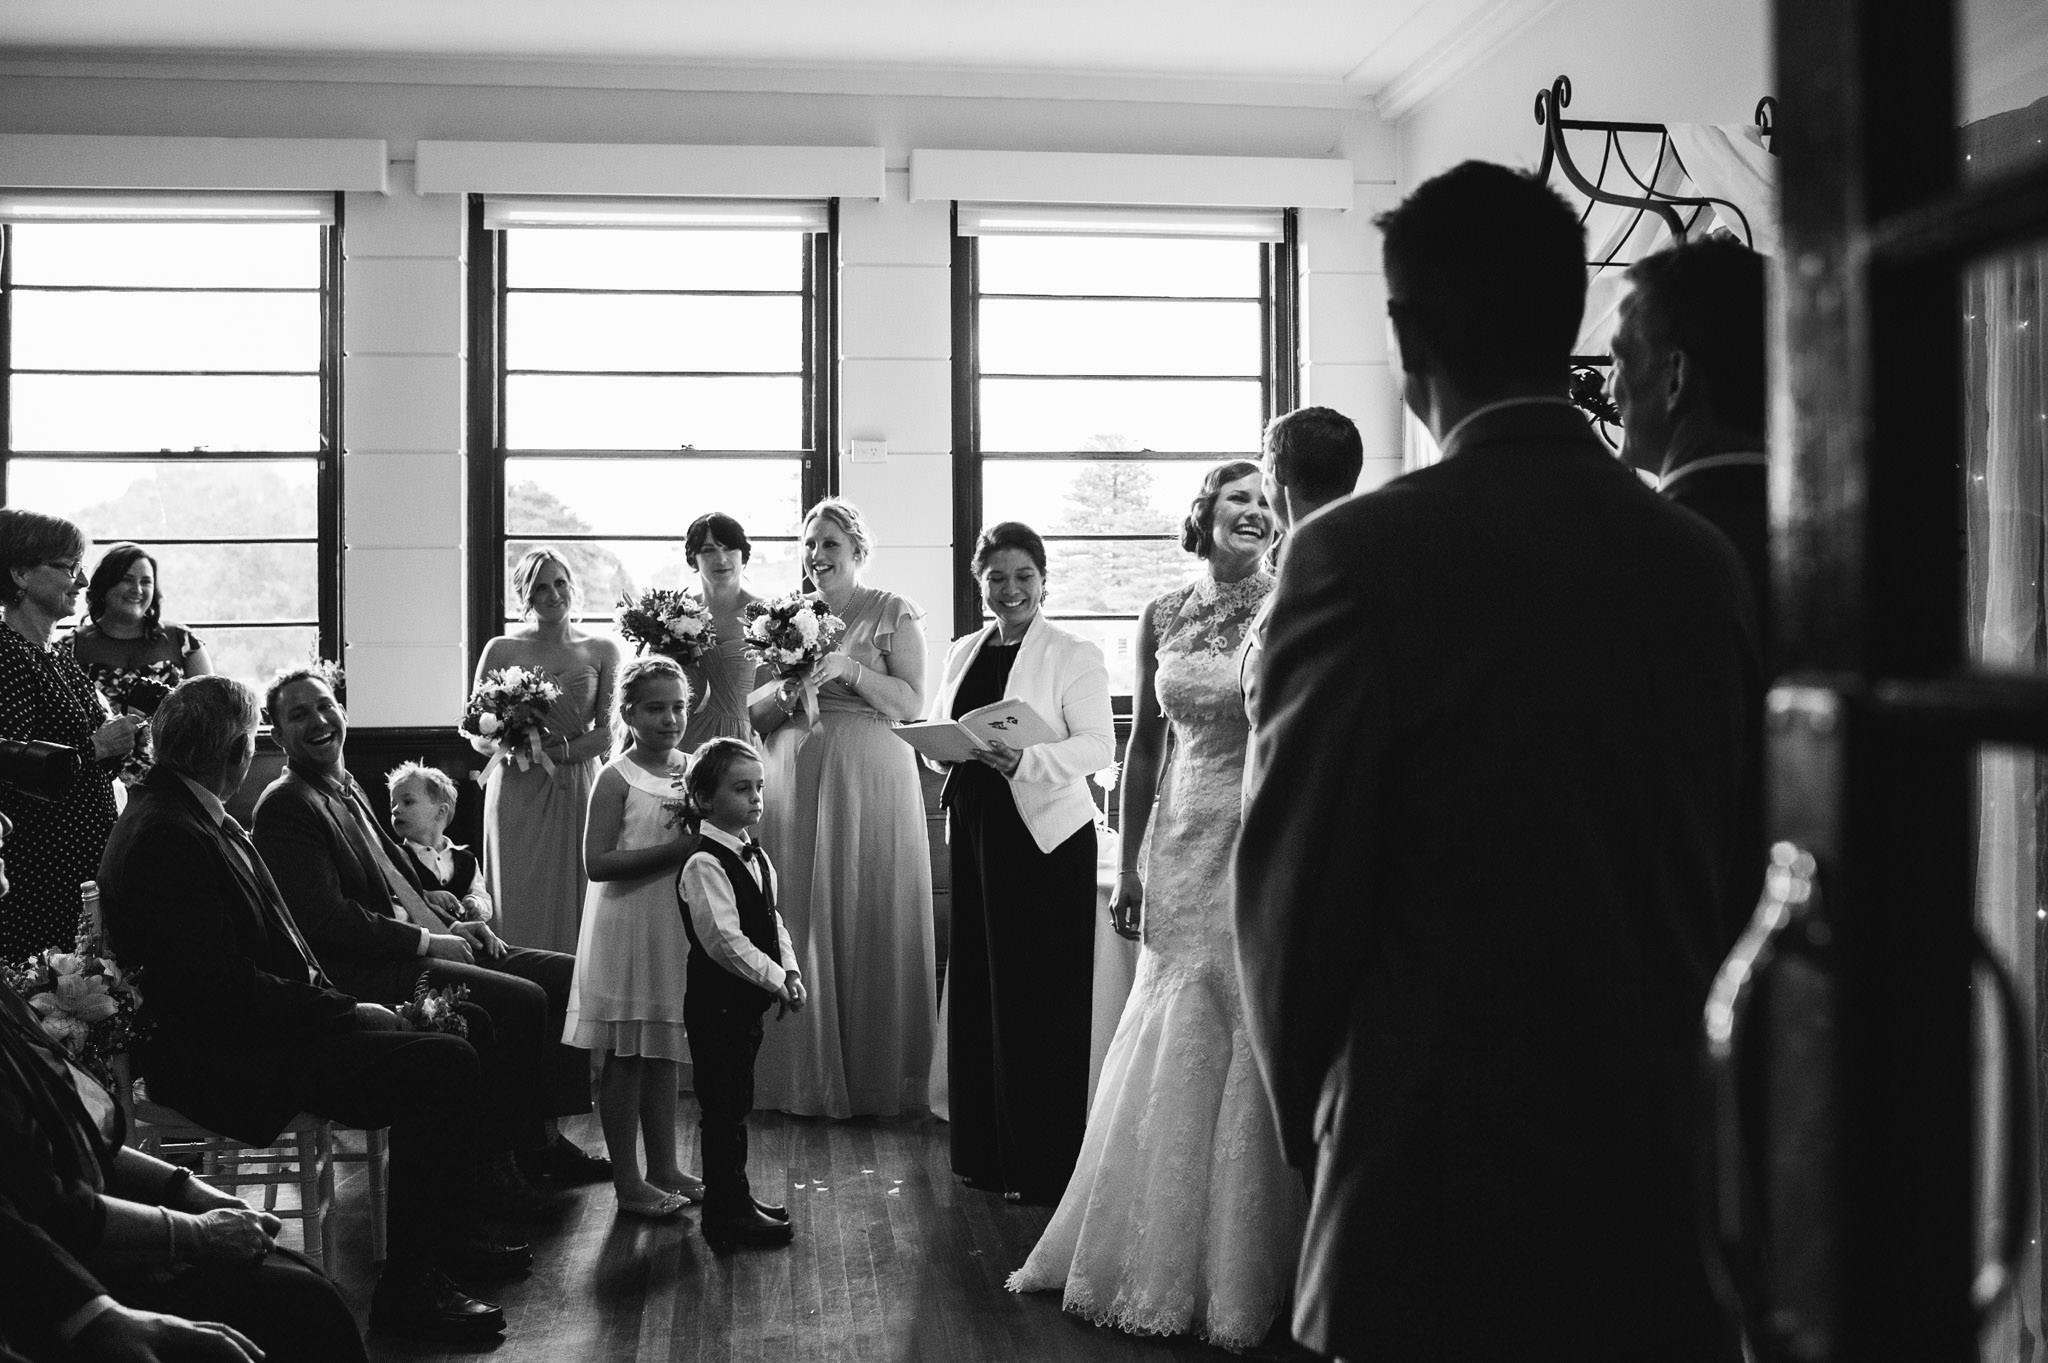 Milestone-events-weddings-001.jpg